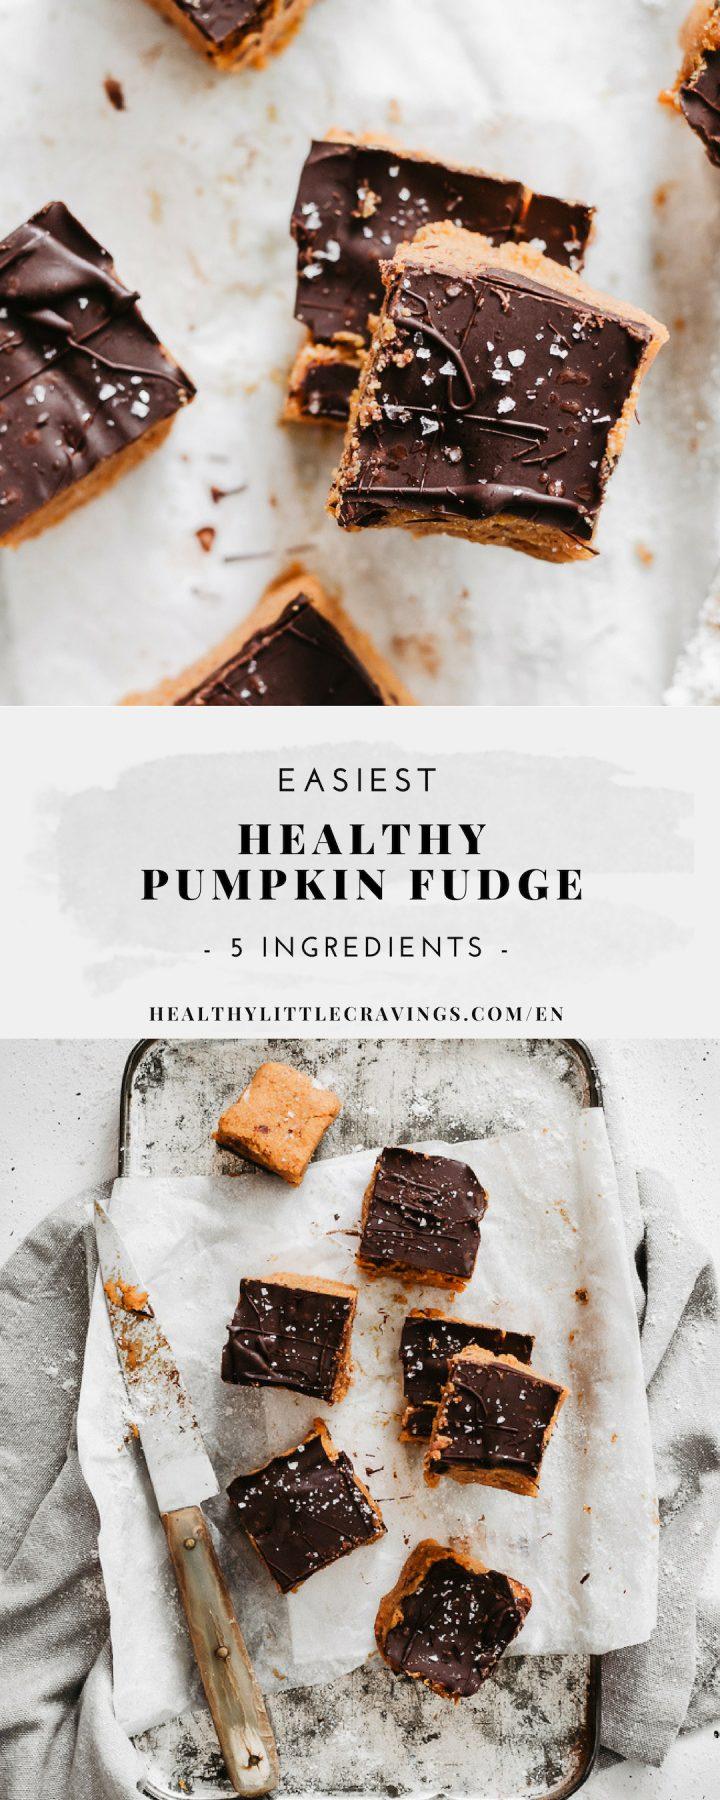 Easiest healthy pumpkin fudge